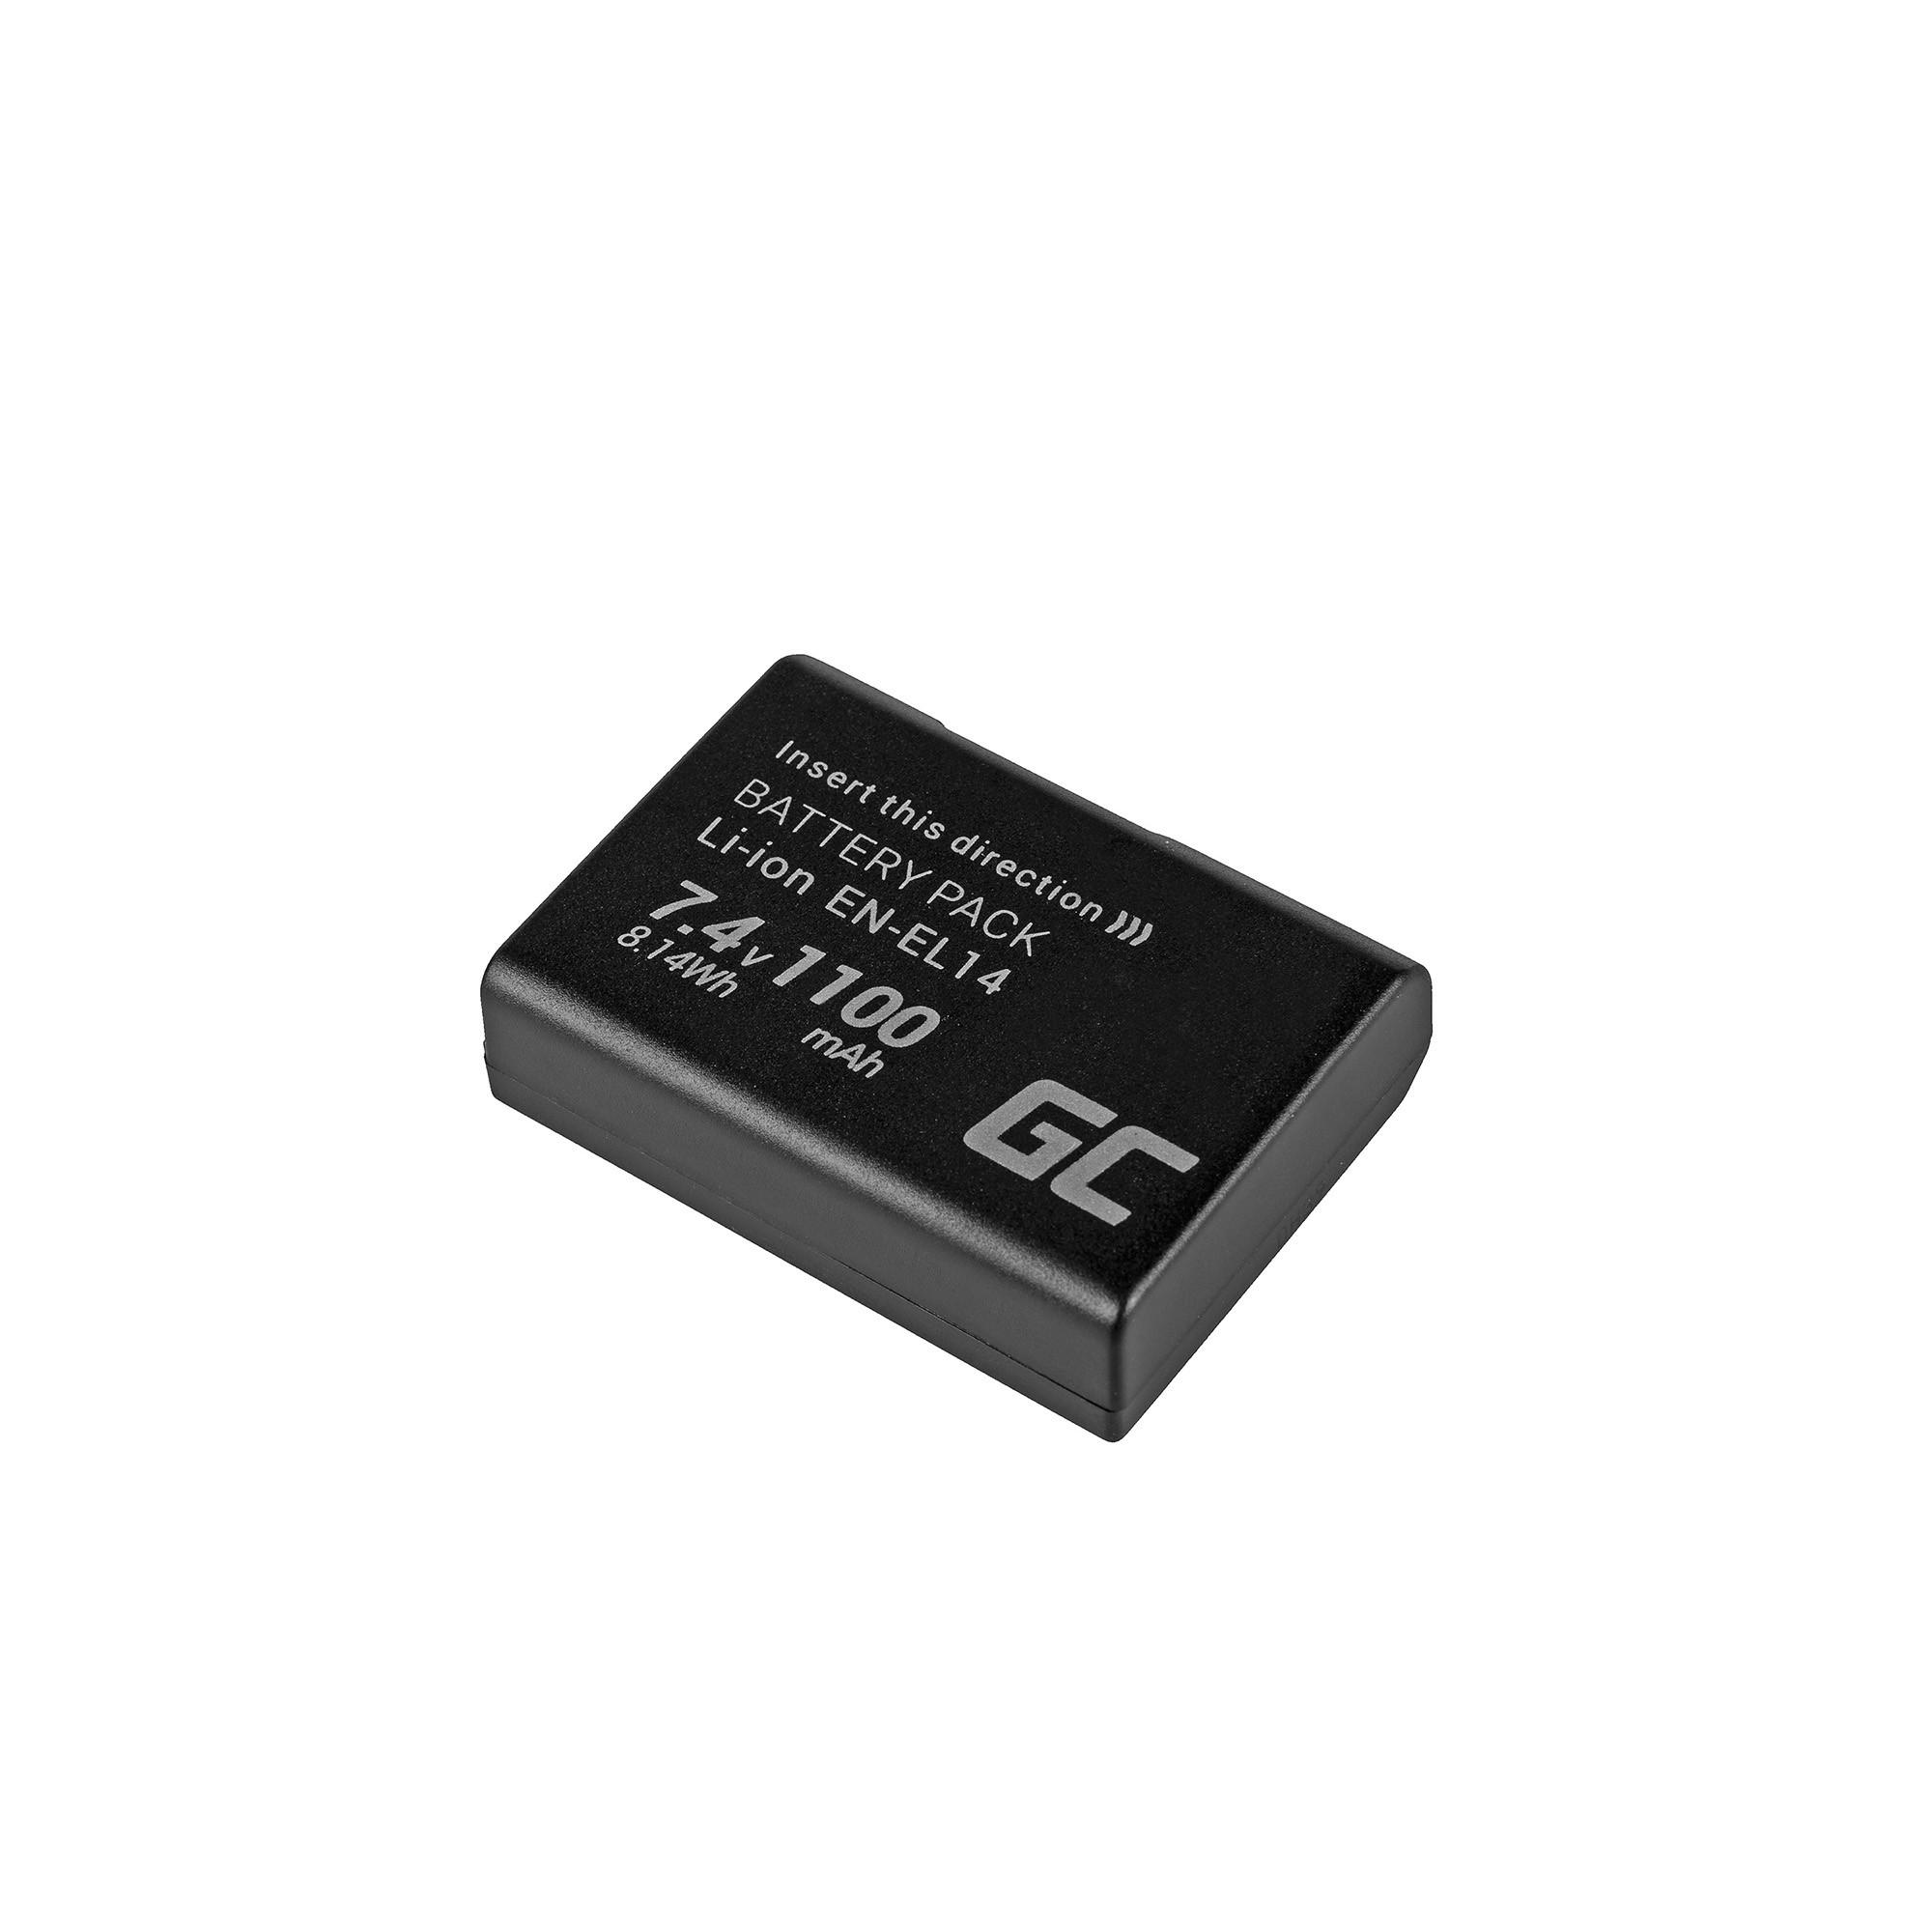 Green Cell EN-EL14 Baterie pro Nikon D3200, D3300, D5100, D5200, D5300, D5500, Coolpix P7000, P7700, P7800 7.4V 1100mAh